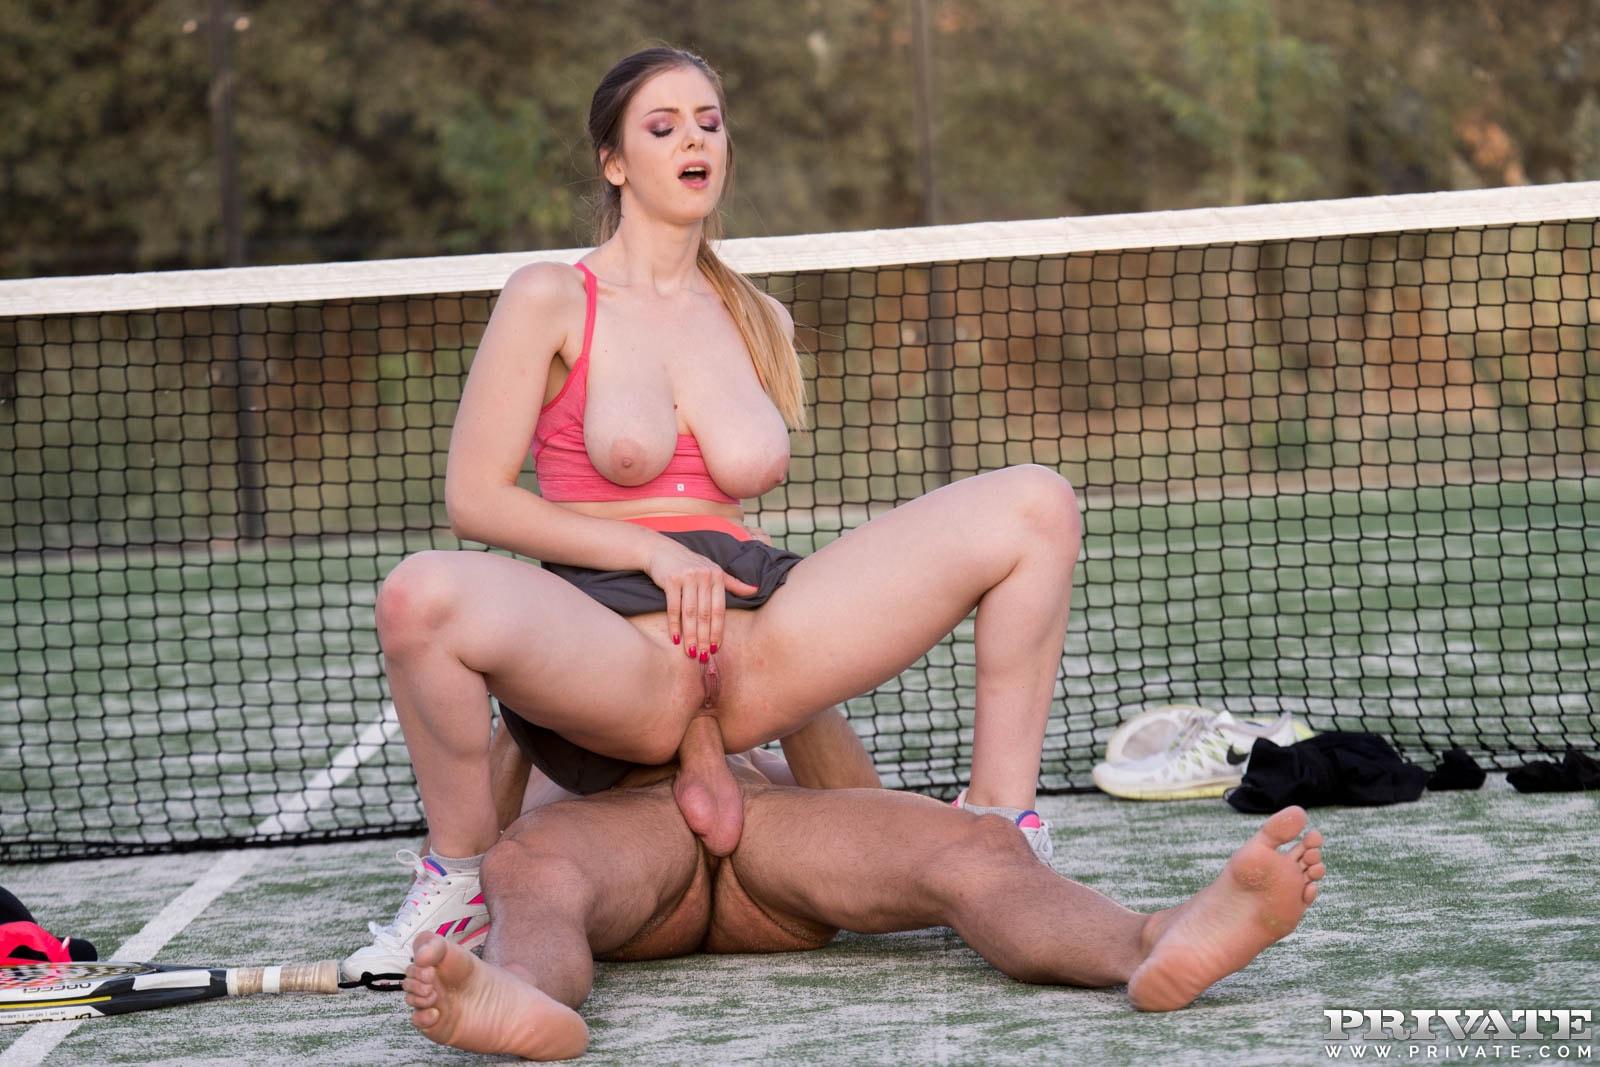 Секс на теннисном корте с горячей брюнеткой — 4